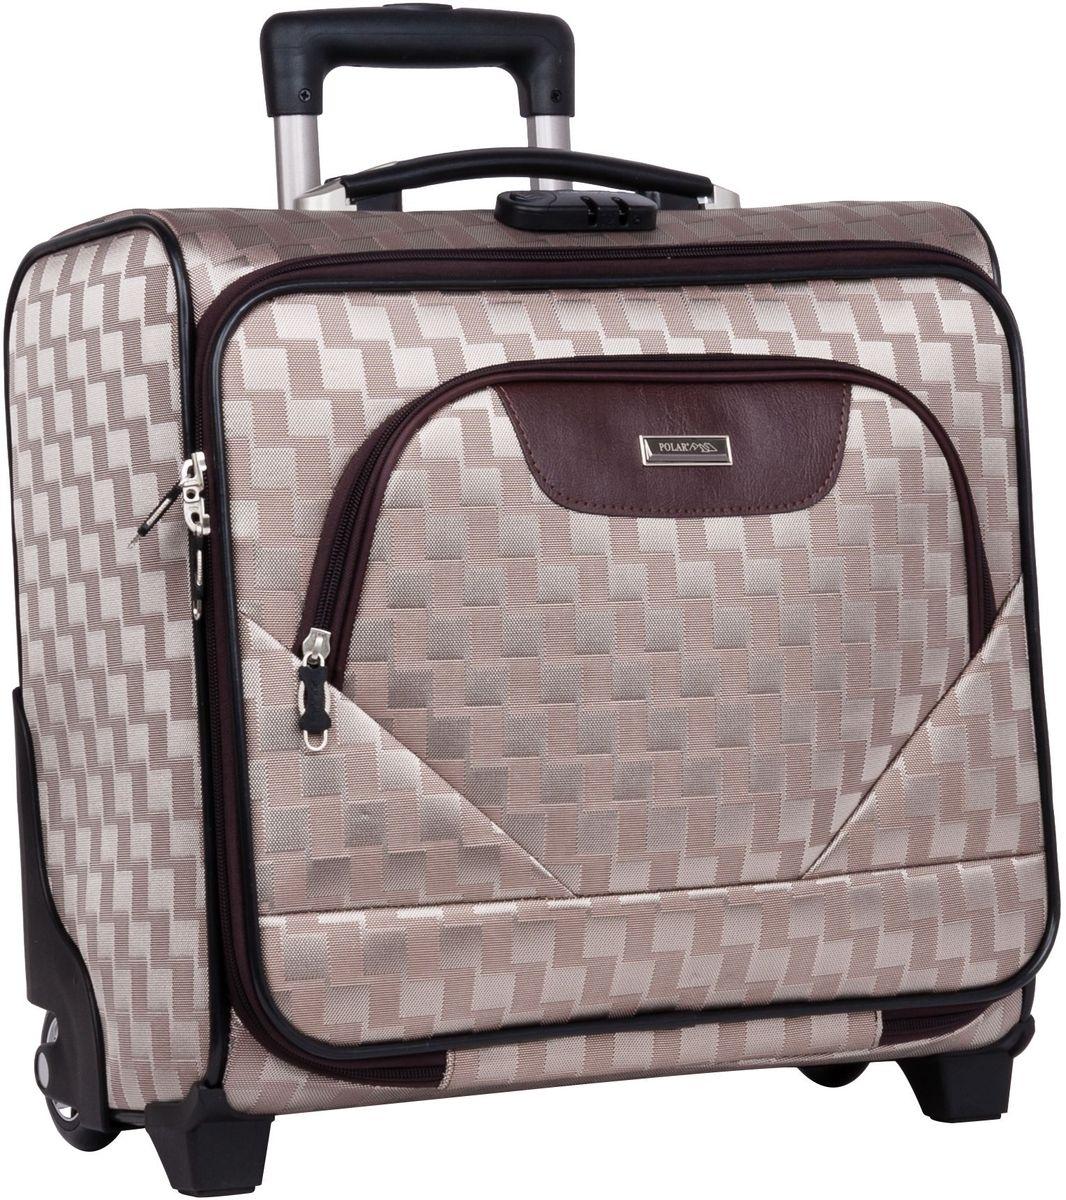 Чемодан-пилот Polar, цвет: золотой, 32,5 л, 40 х 43 х 19 см. П7076П7076Новый Модный кейс-Пилот на надежных колесах с подшипниками и прочной выдвижной тележкой подойдет как ручная кладь во все Авиакомпании (в том числе Лоукостеры) и поездку в командировку. Наши чемоданы отлично подходят для перевозки хрупких вещей. Пластик отлично защищает внутреннее содержание от любых внешних воздействий. Выдвижная металлическая ручка, выдвигается на 62 см. Внутренняя тележка. Внутри: фиксаторы зажимы для Ваших вещей. Также предусмотрен кодовый замок. Эта универсальная модель идеально подойдет для краткосрочных командировок и позволит вам взять с собой, помимо ноутбука, еще и все самые необходимые для Вас вещи